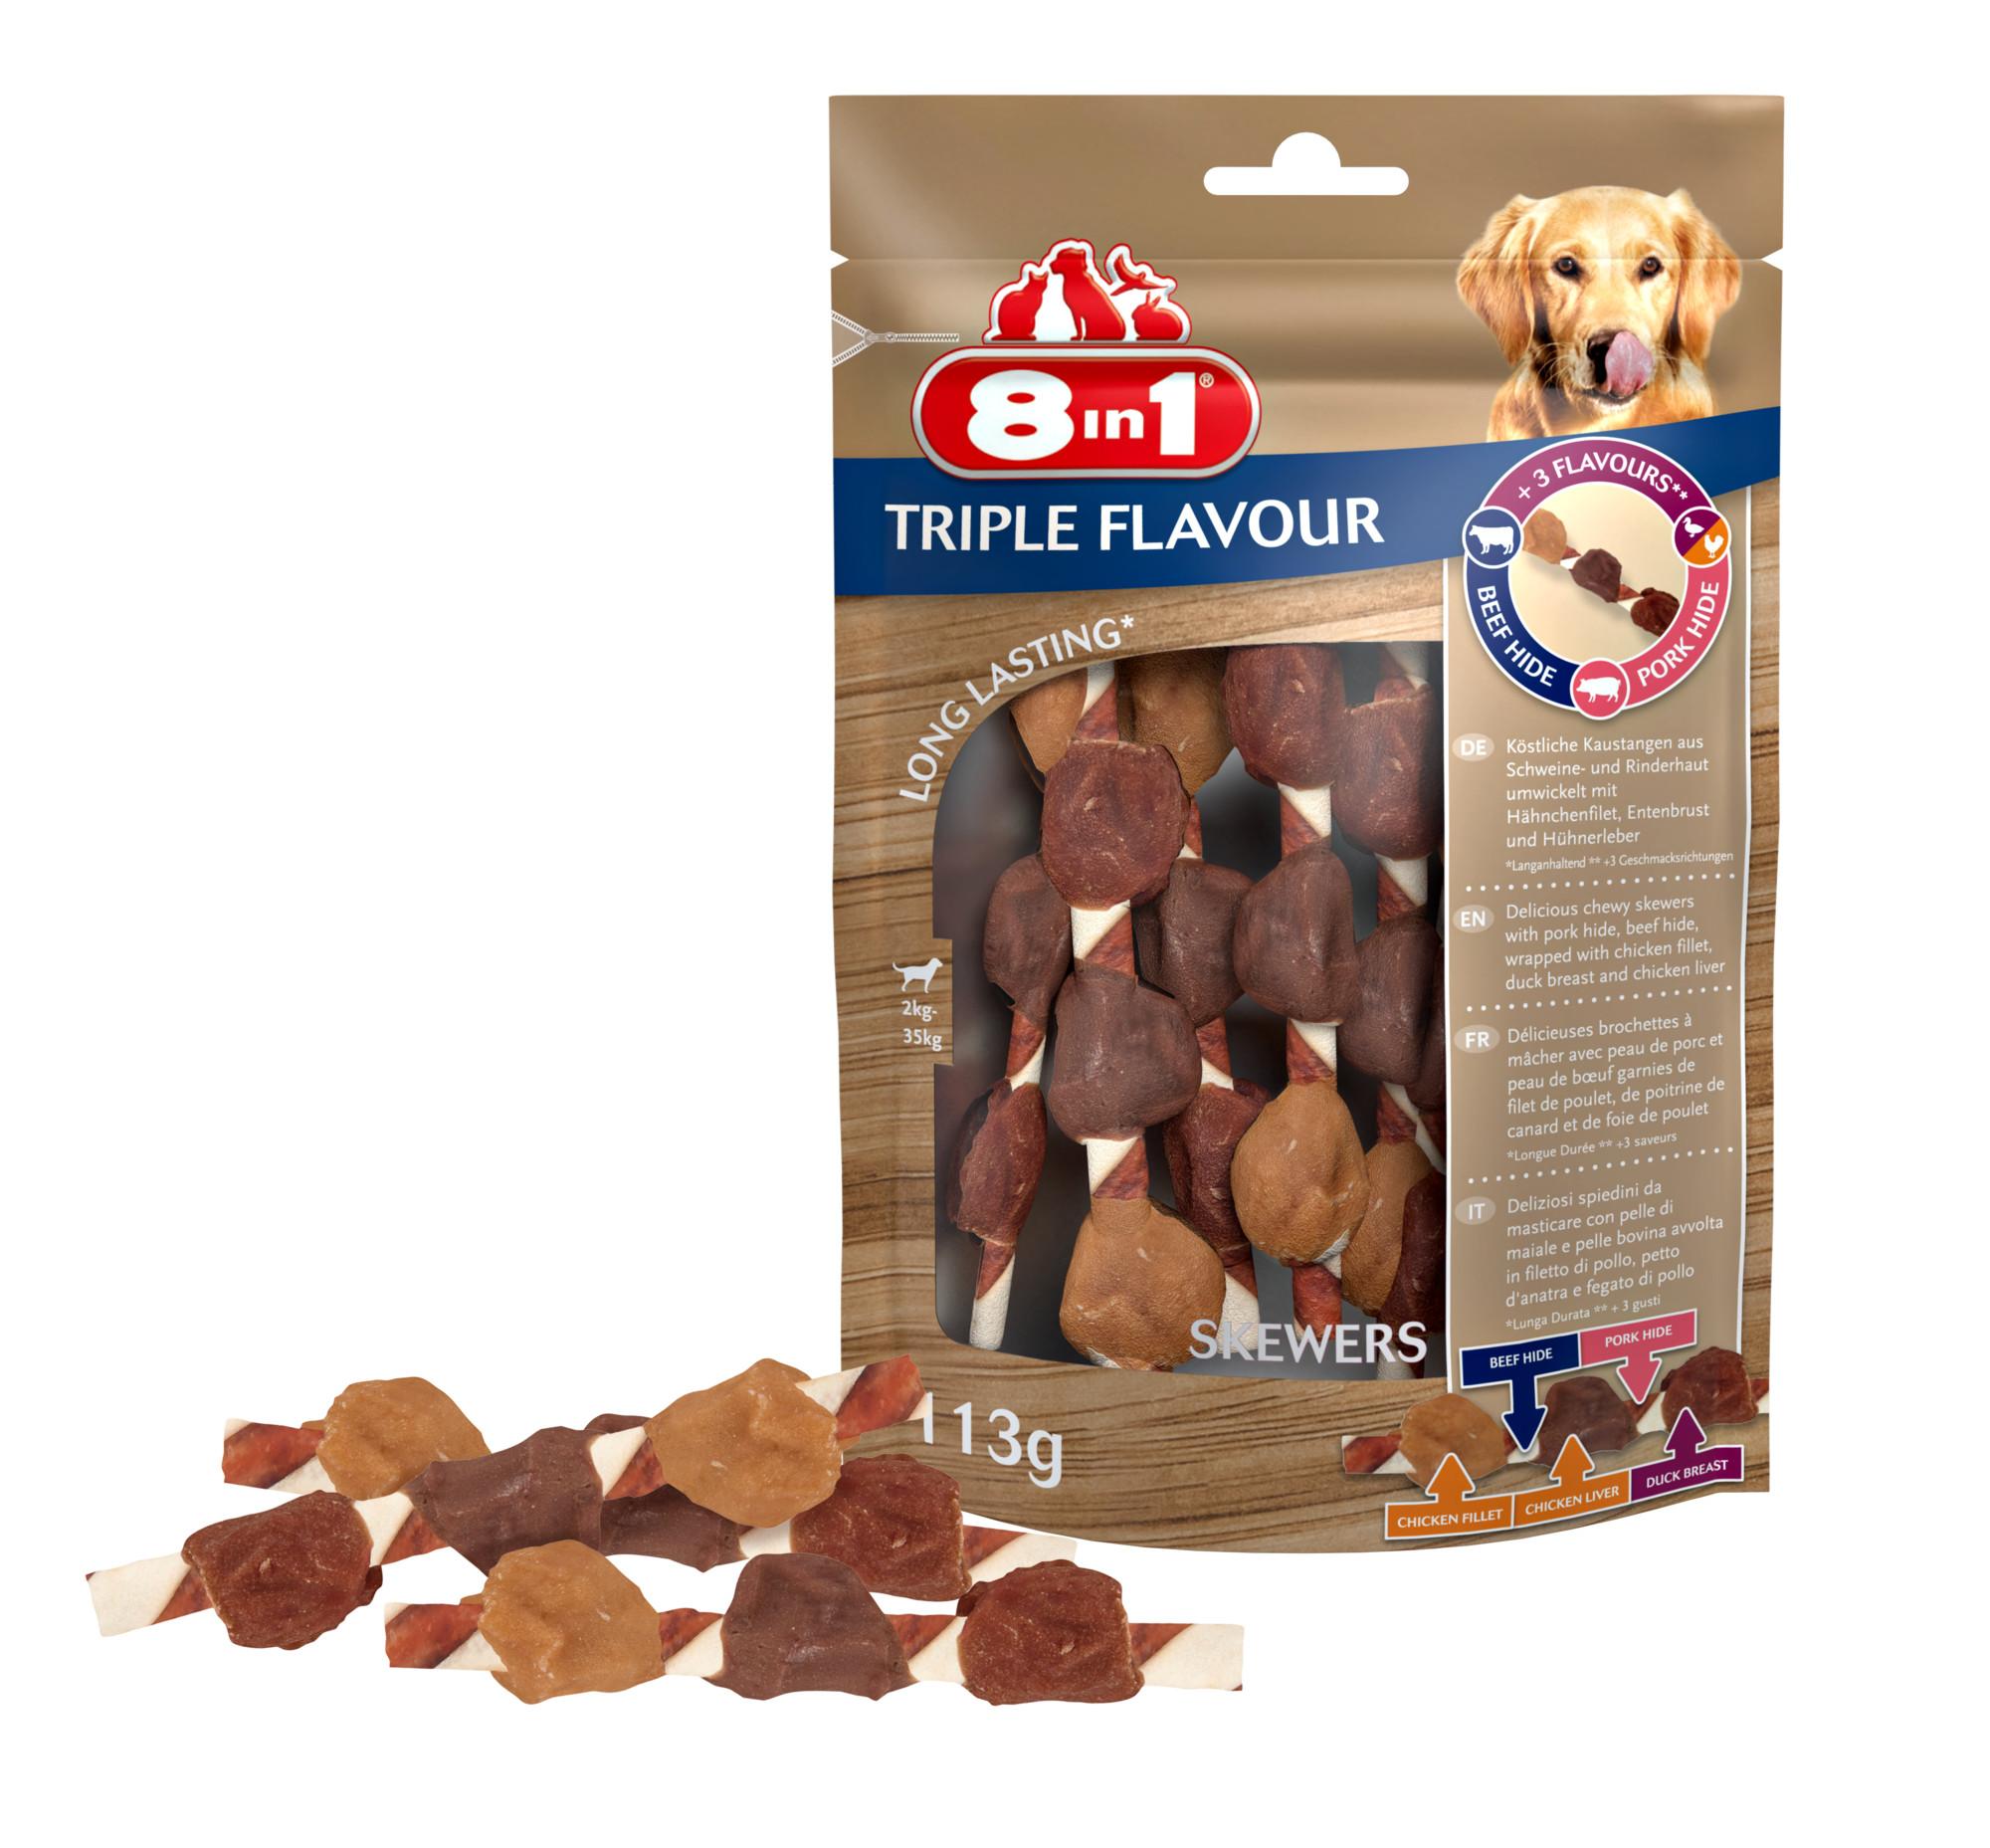 8in1 Triple Flavour skewers hondensnacks